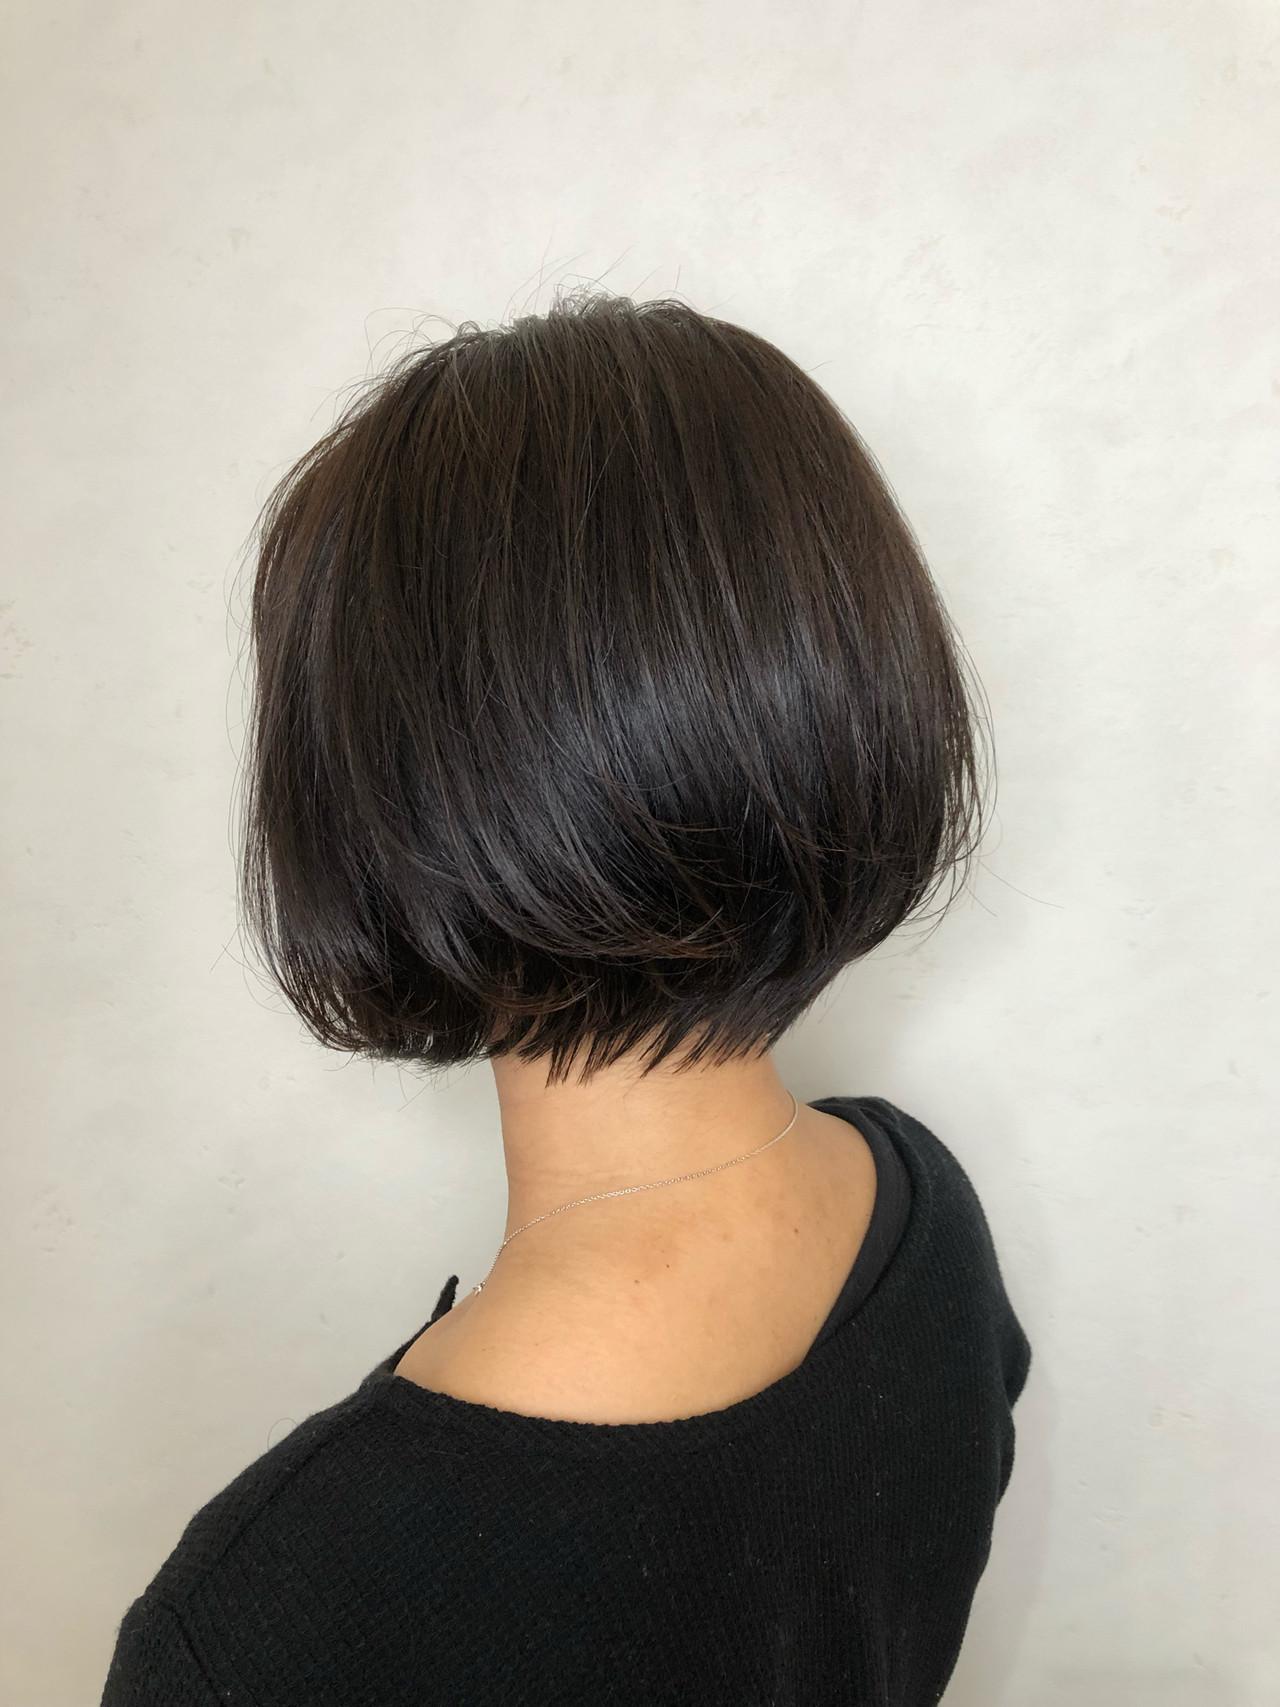 グレージュ 成人式 デート 黒髪 ヘアスタイルや髪型の写真・画像